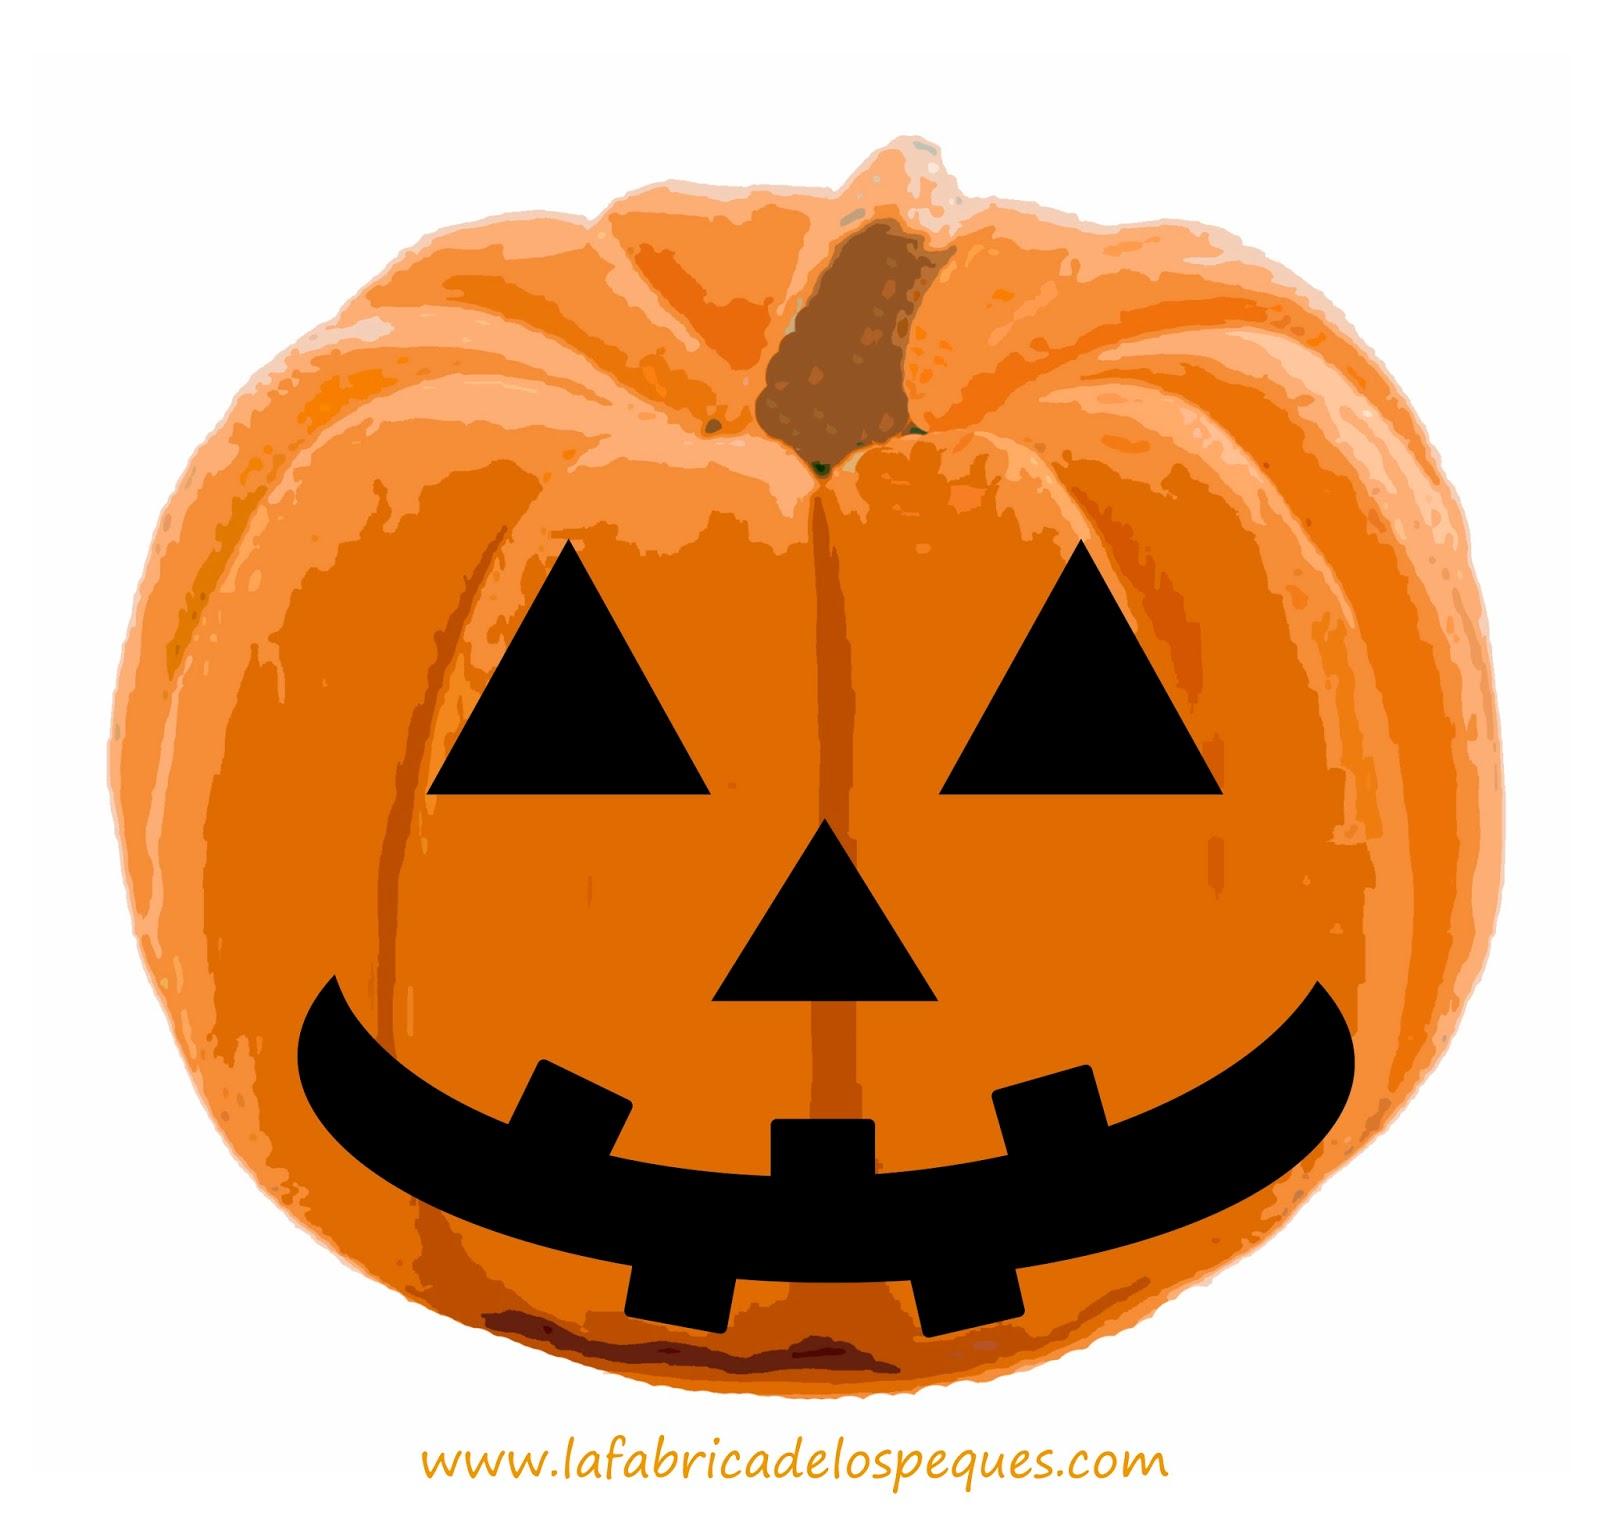 Plantillas e imprimibles gratis para Halloween: calaveras ...